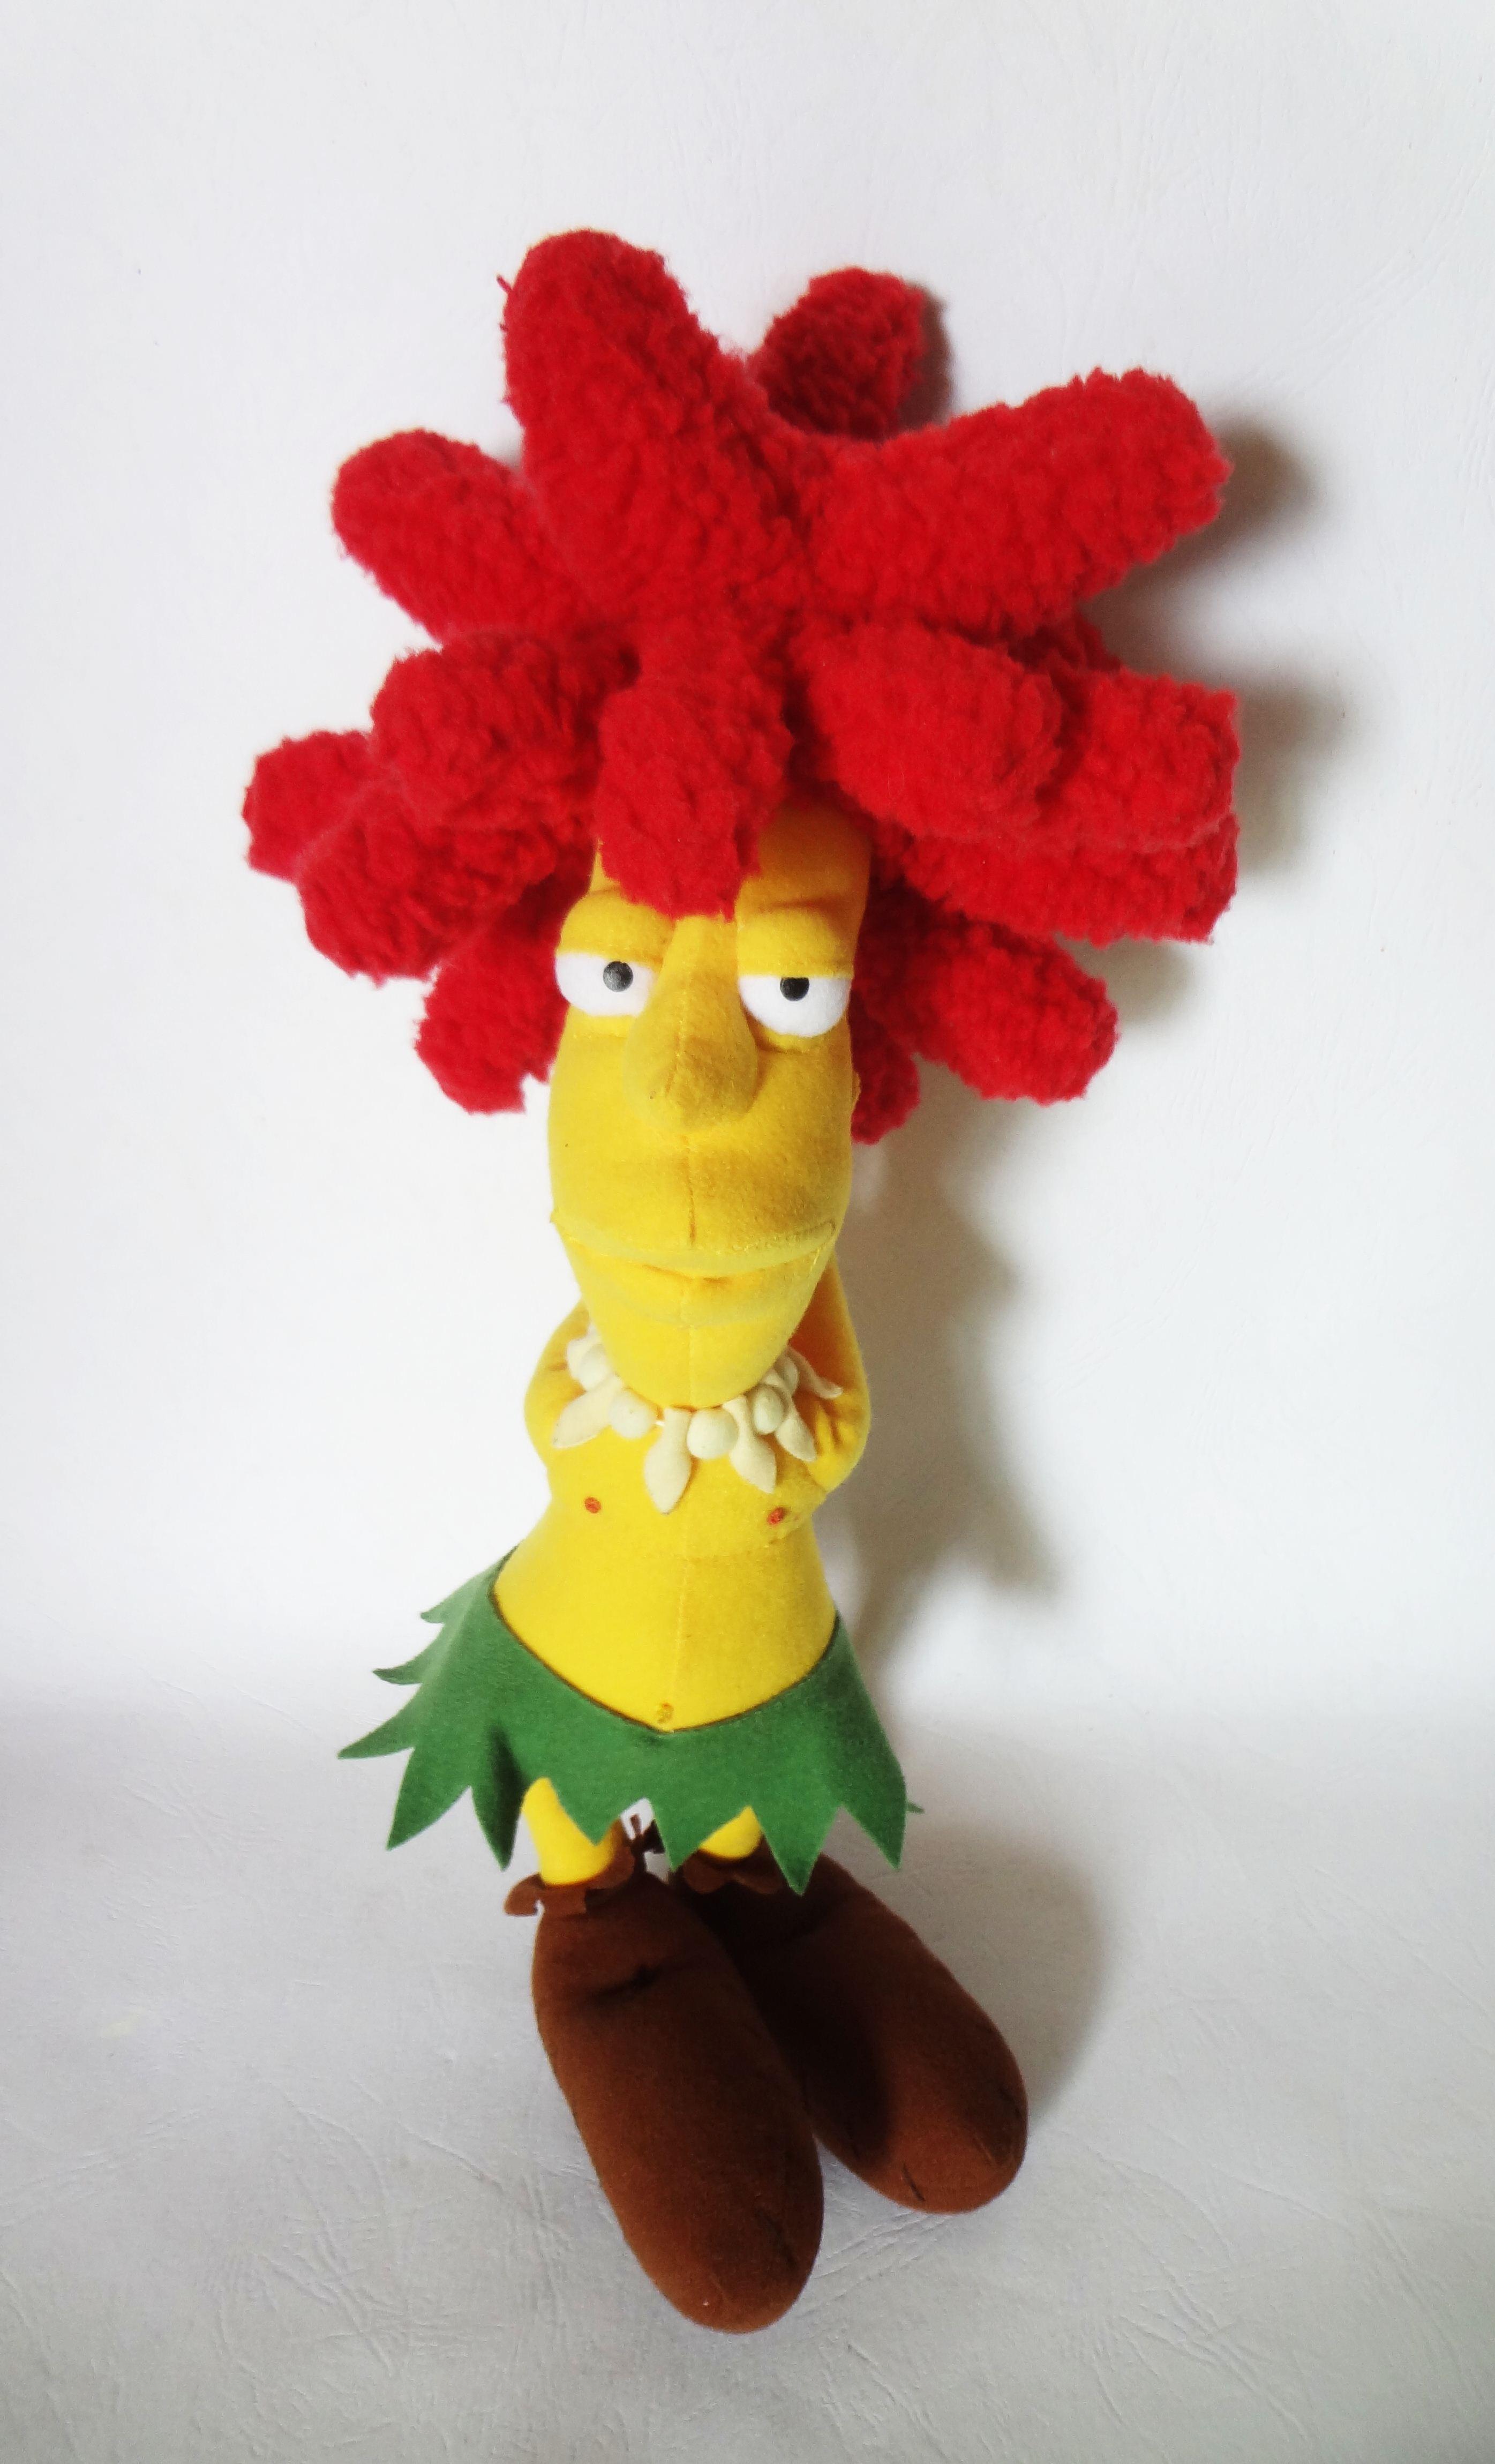 ตุ๊กตา Sideshow Bob จากเรื่อง The Simpsons